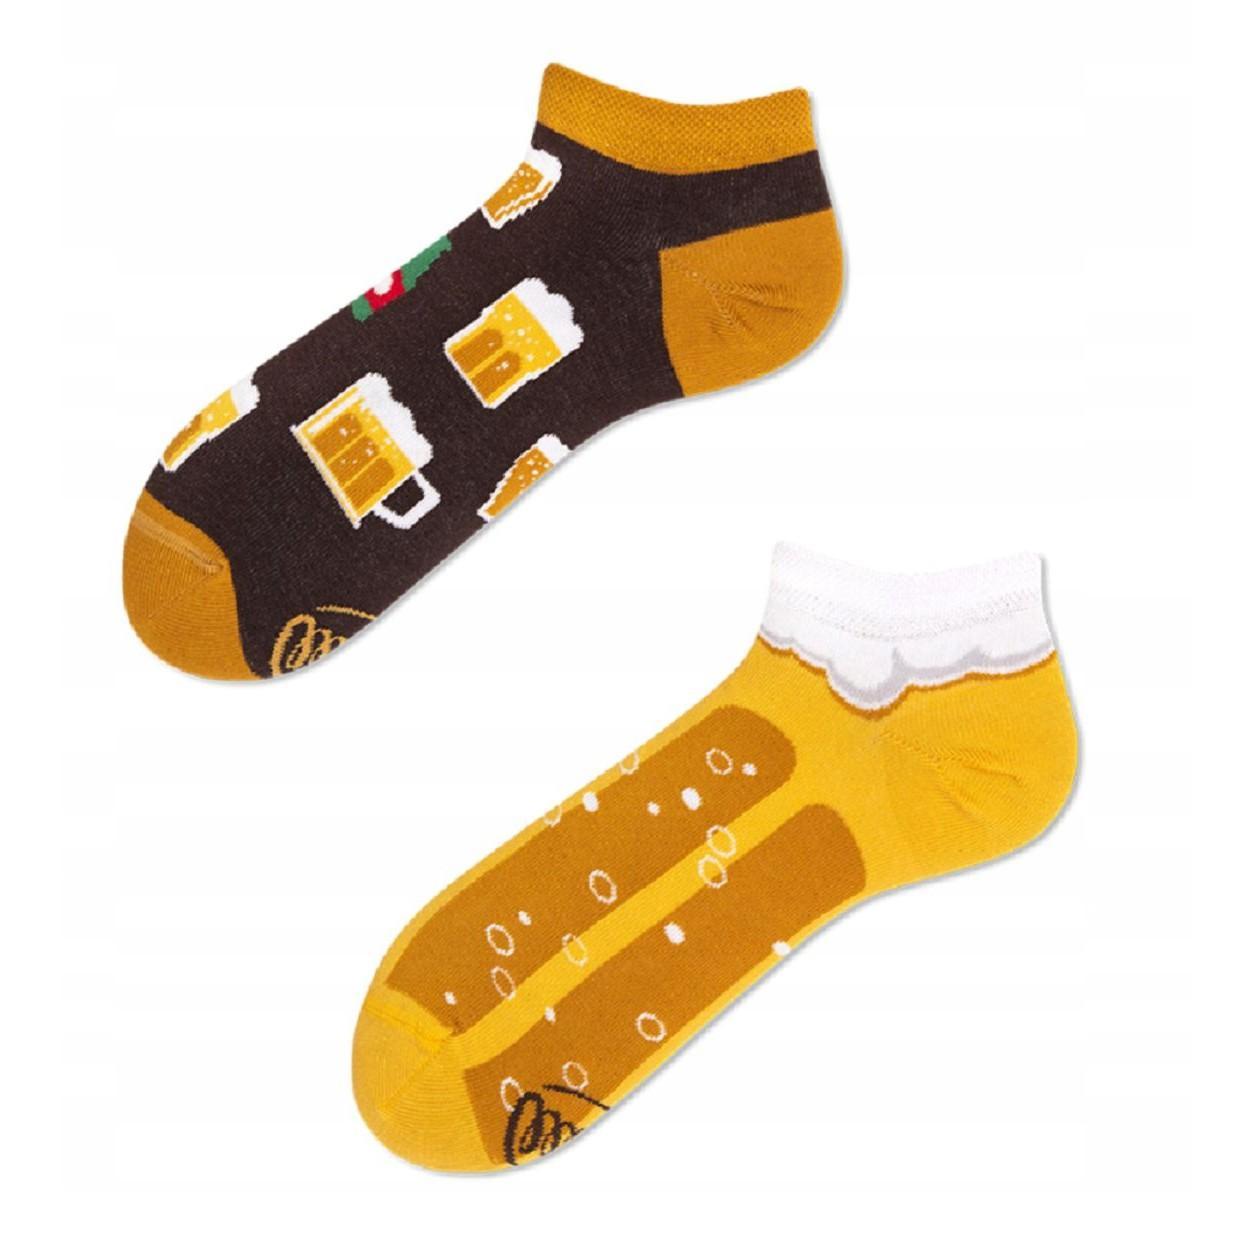 veselé ponožky CRAFT BEER LOW pivo krčah pena 39-42 nízke farebné megamix.sk